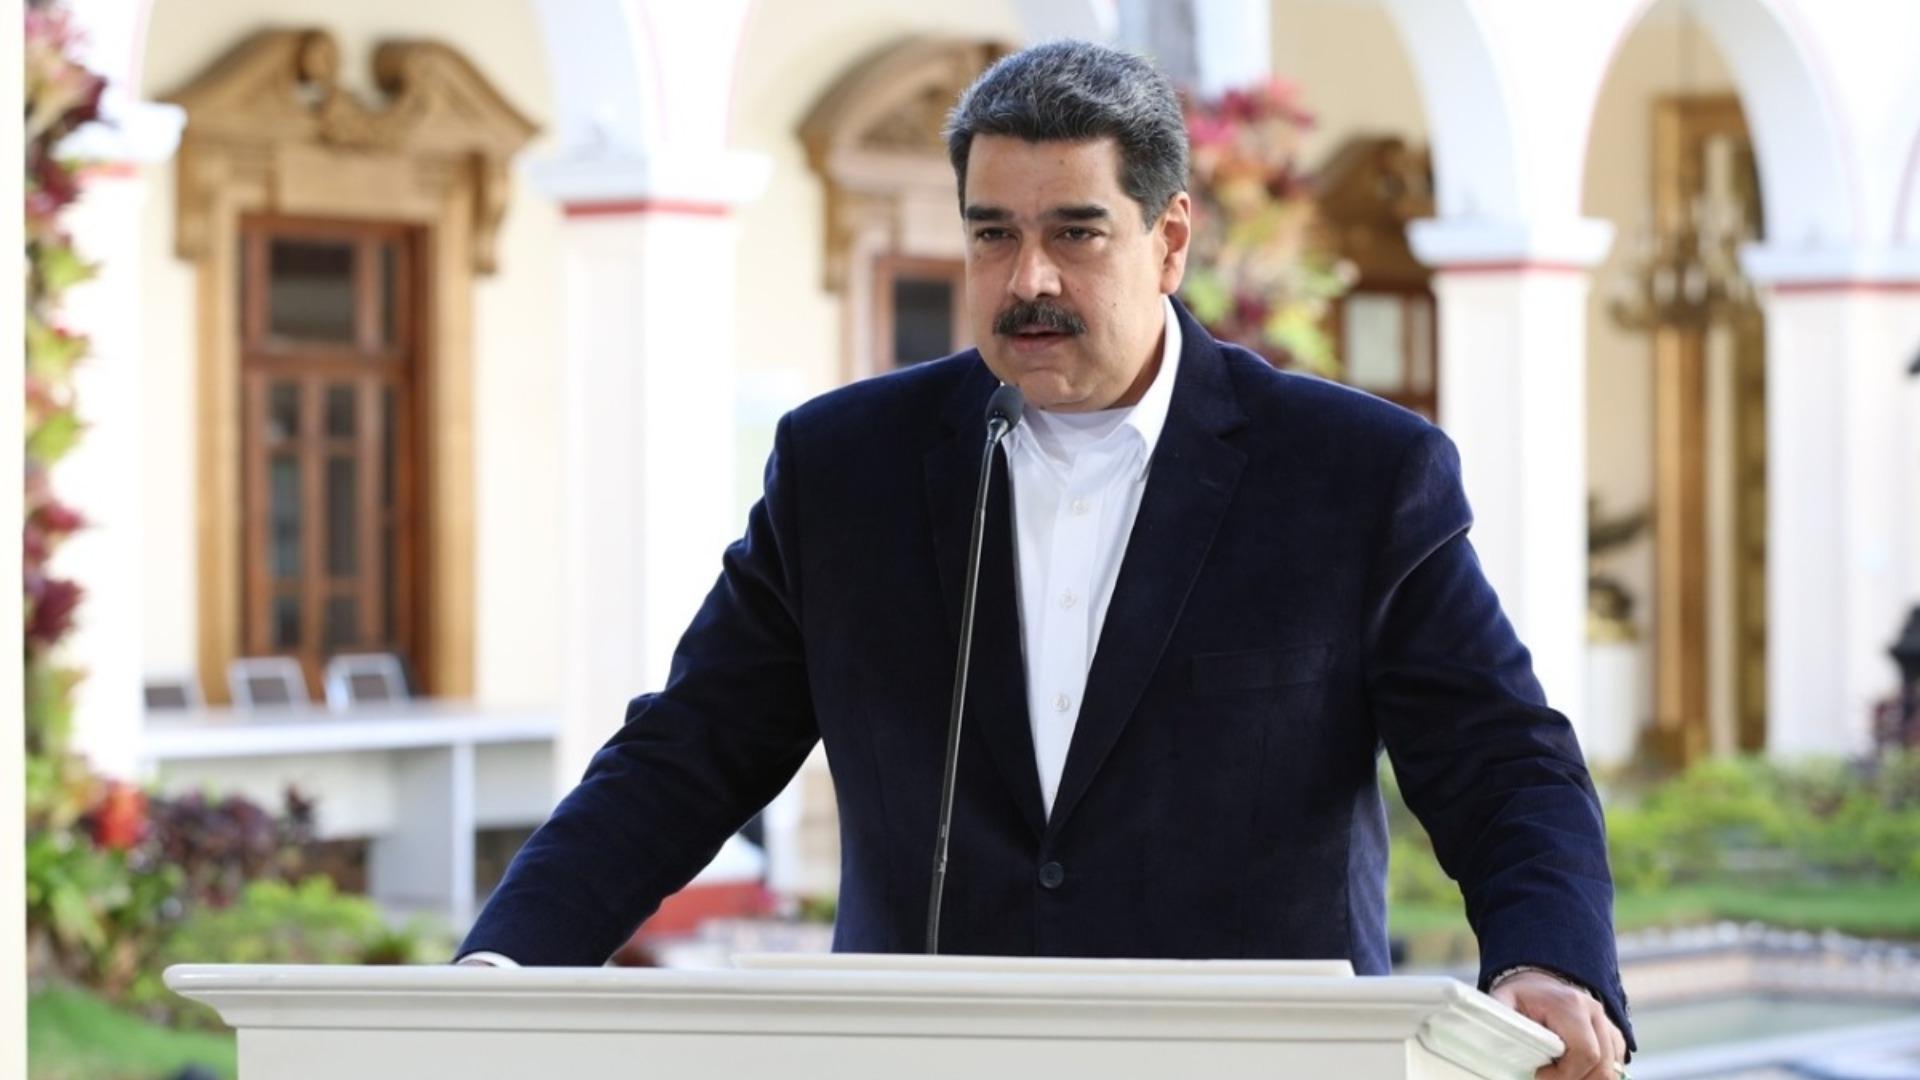 En 14 puntos: así resumimos la alocución de Maduro del #30Mar